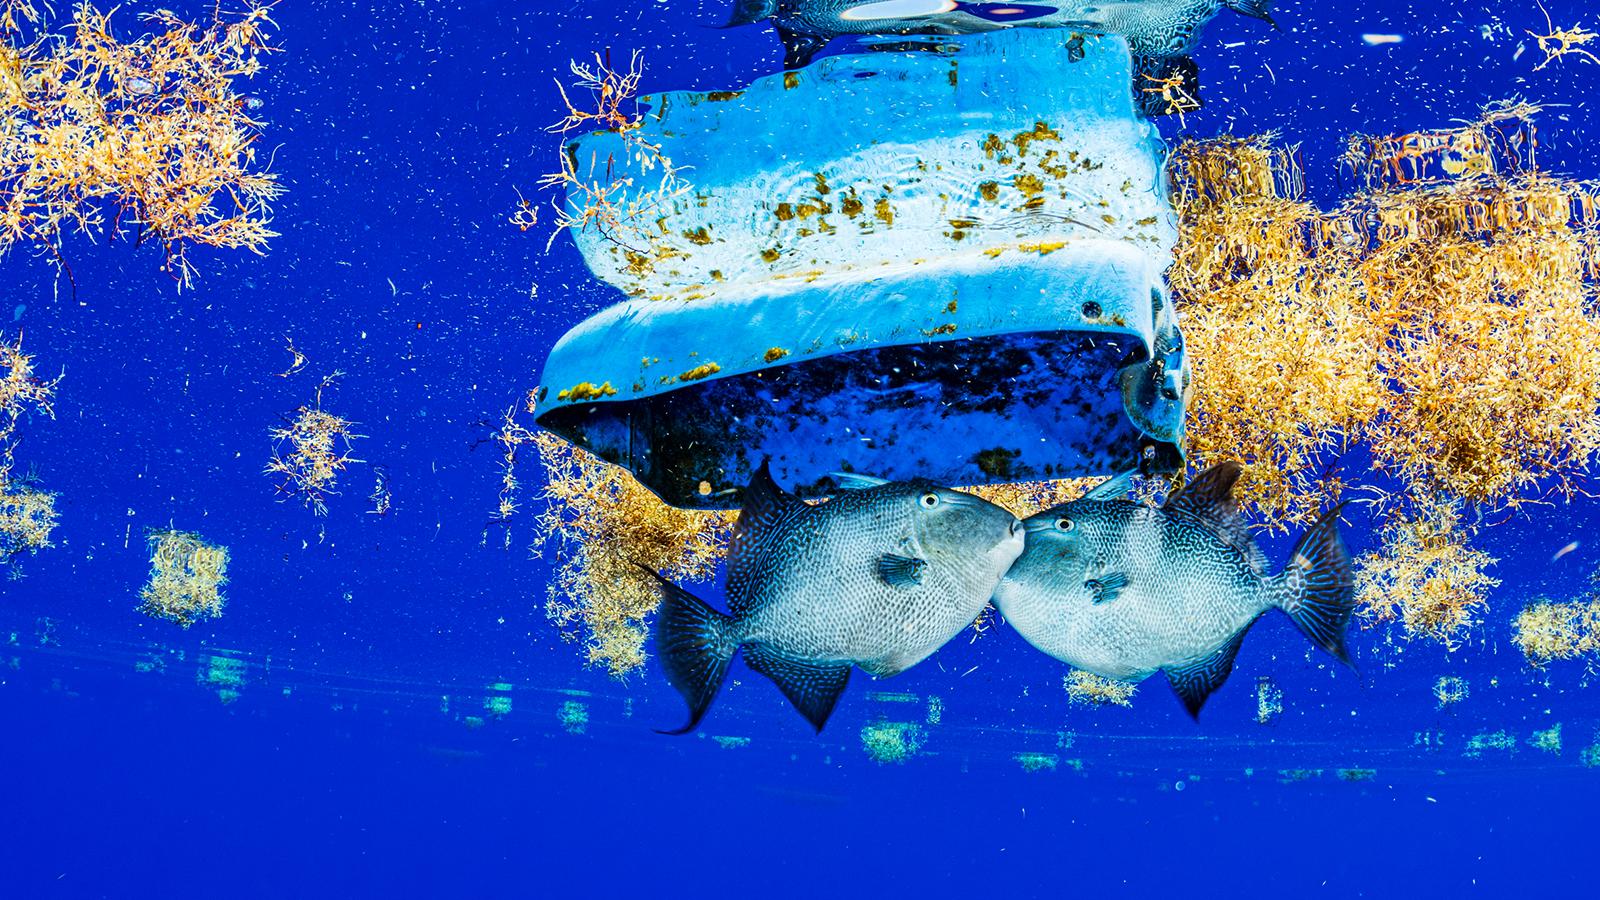 Sargasso Denizi ve canlıları tehdit eden çöpler